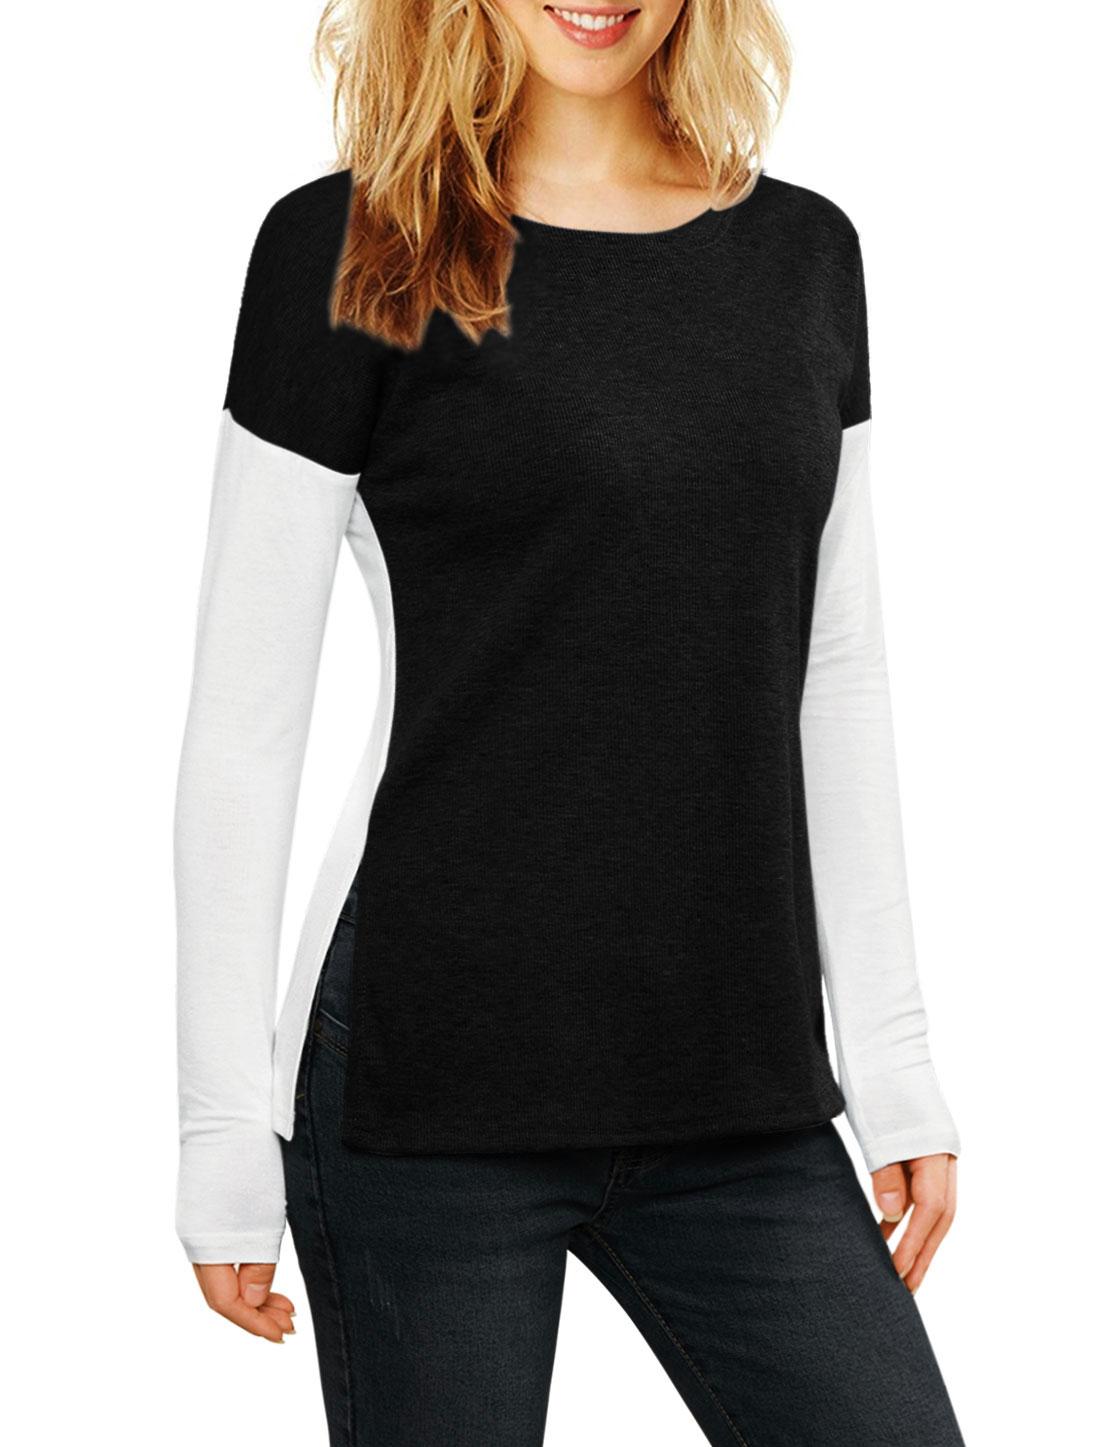 Allegra K Women Color Block Side-Slit Paneled Slim Fit Ribbed Top Black L